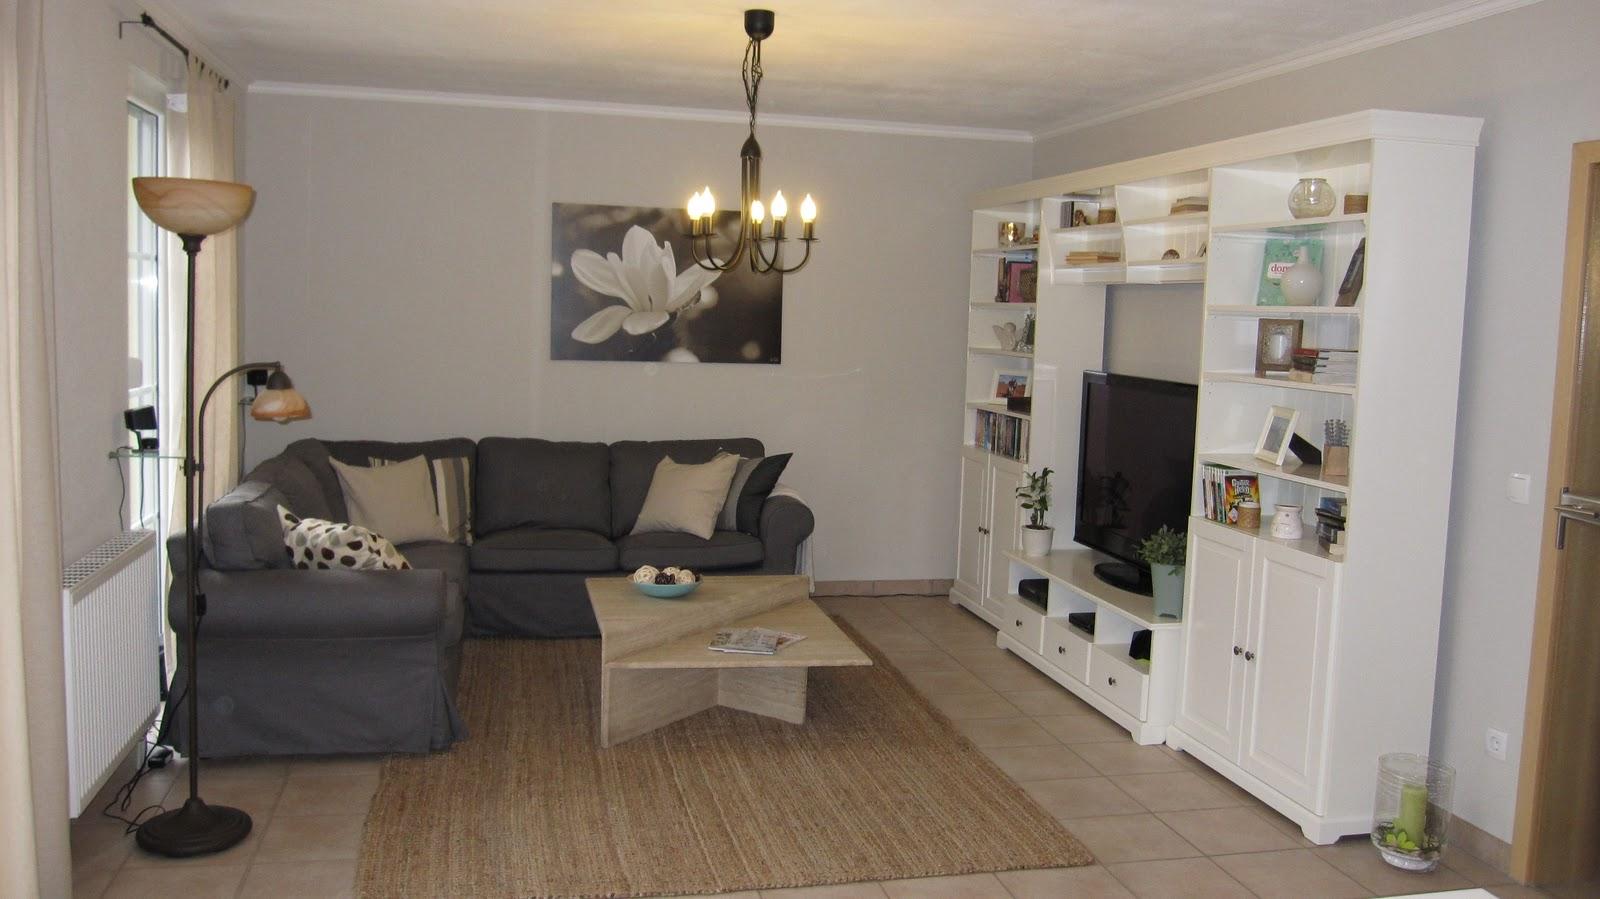 Stunning Wohnzimmer Deko Ikea Contemporary - House Design Ideas ... Wohnzimmer Grau Ikea